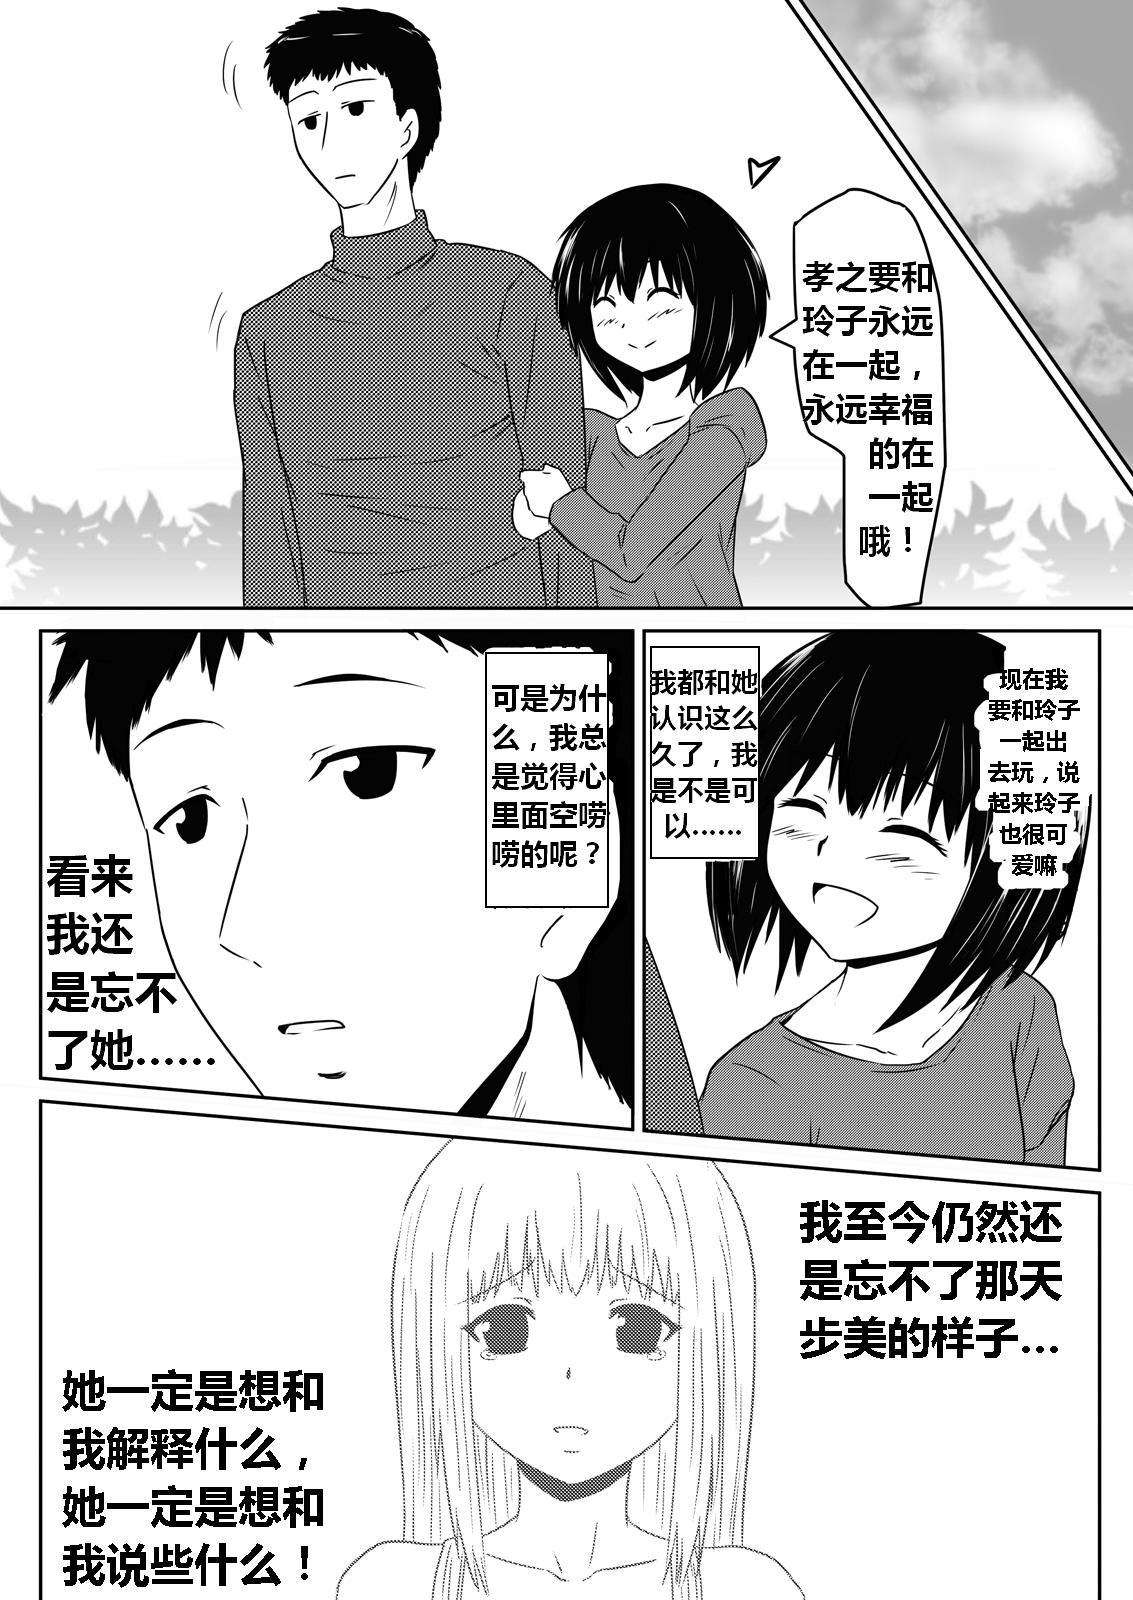 Ore no Kanojo ga Fuuzokujou ni Natta Riyuu | 女朋友下海拍片了 84